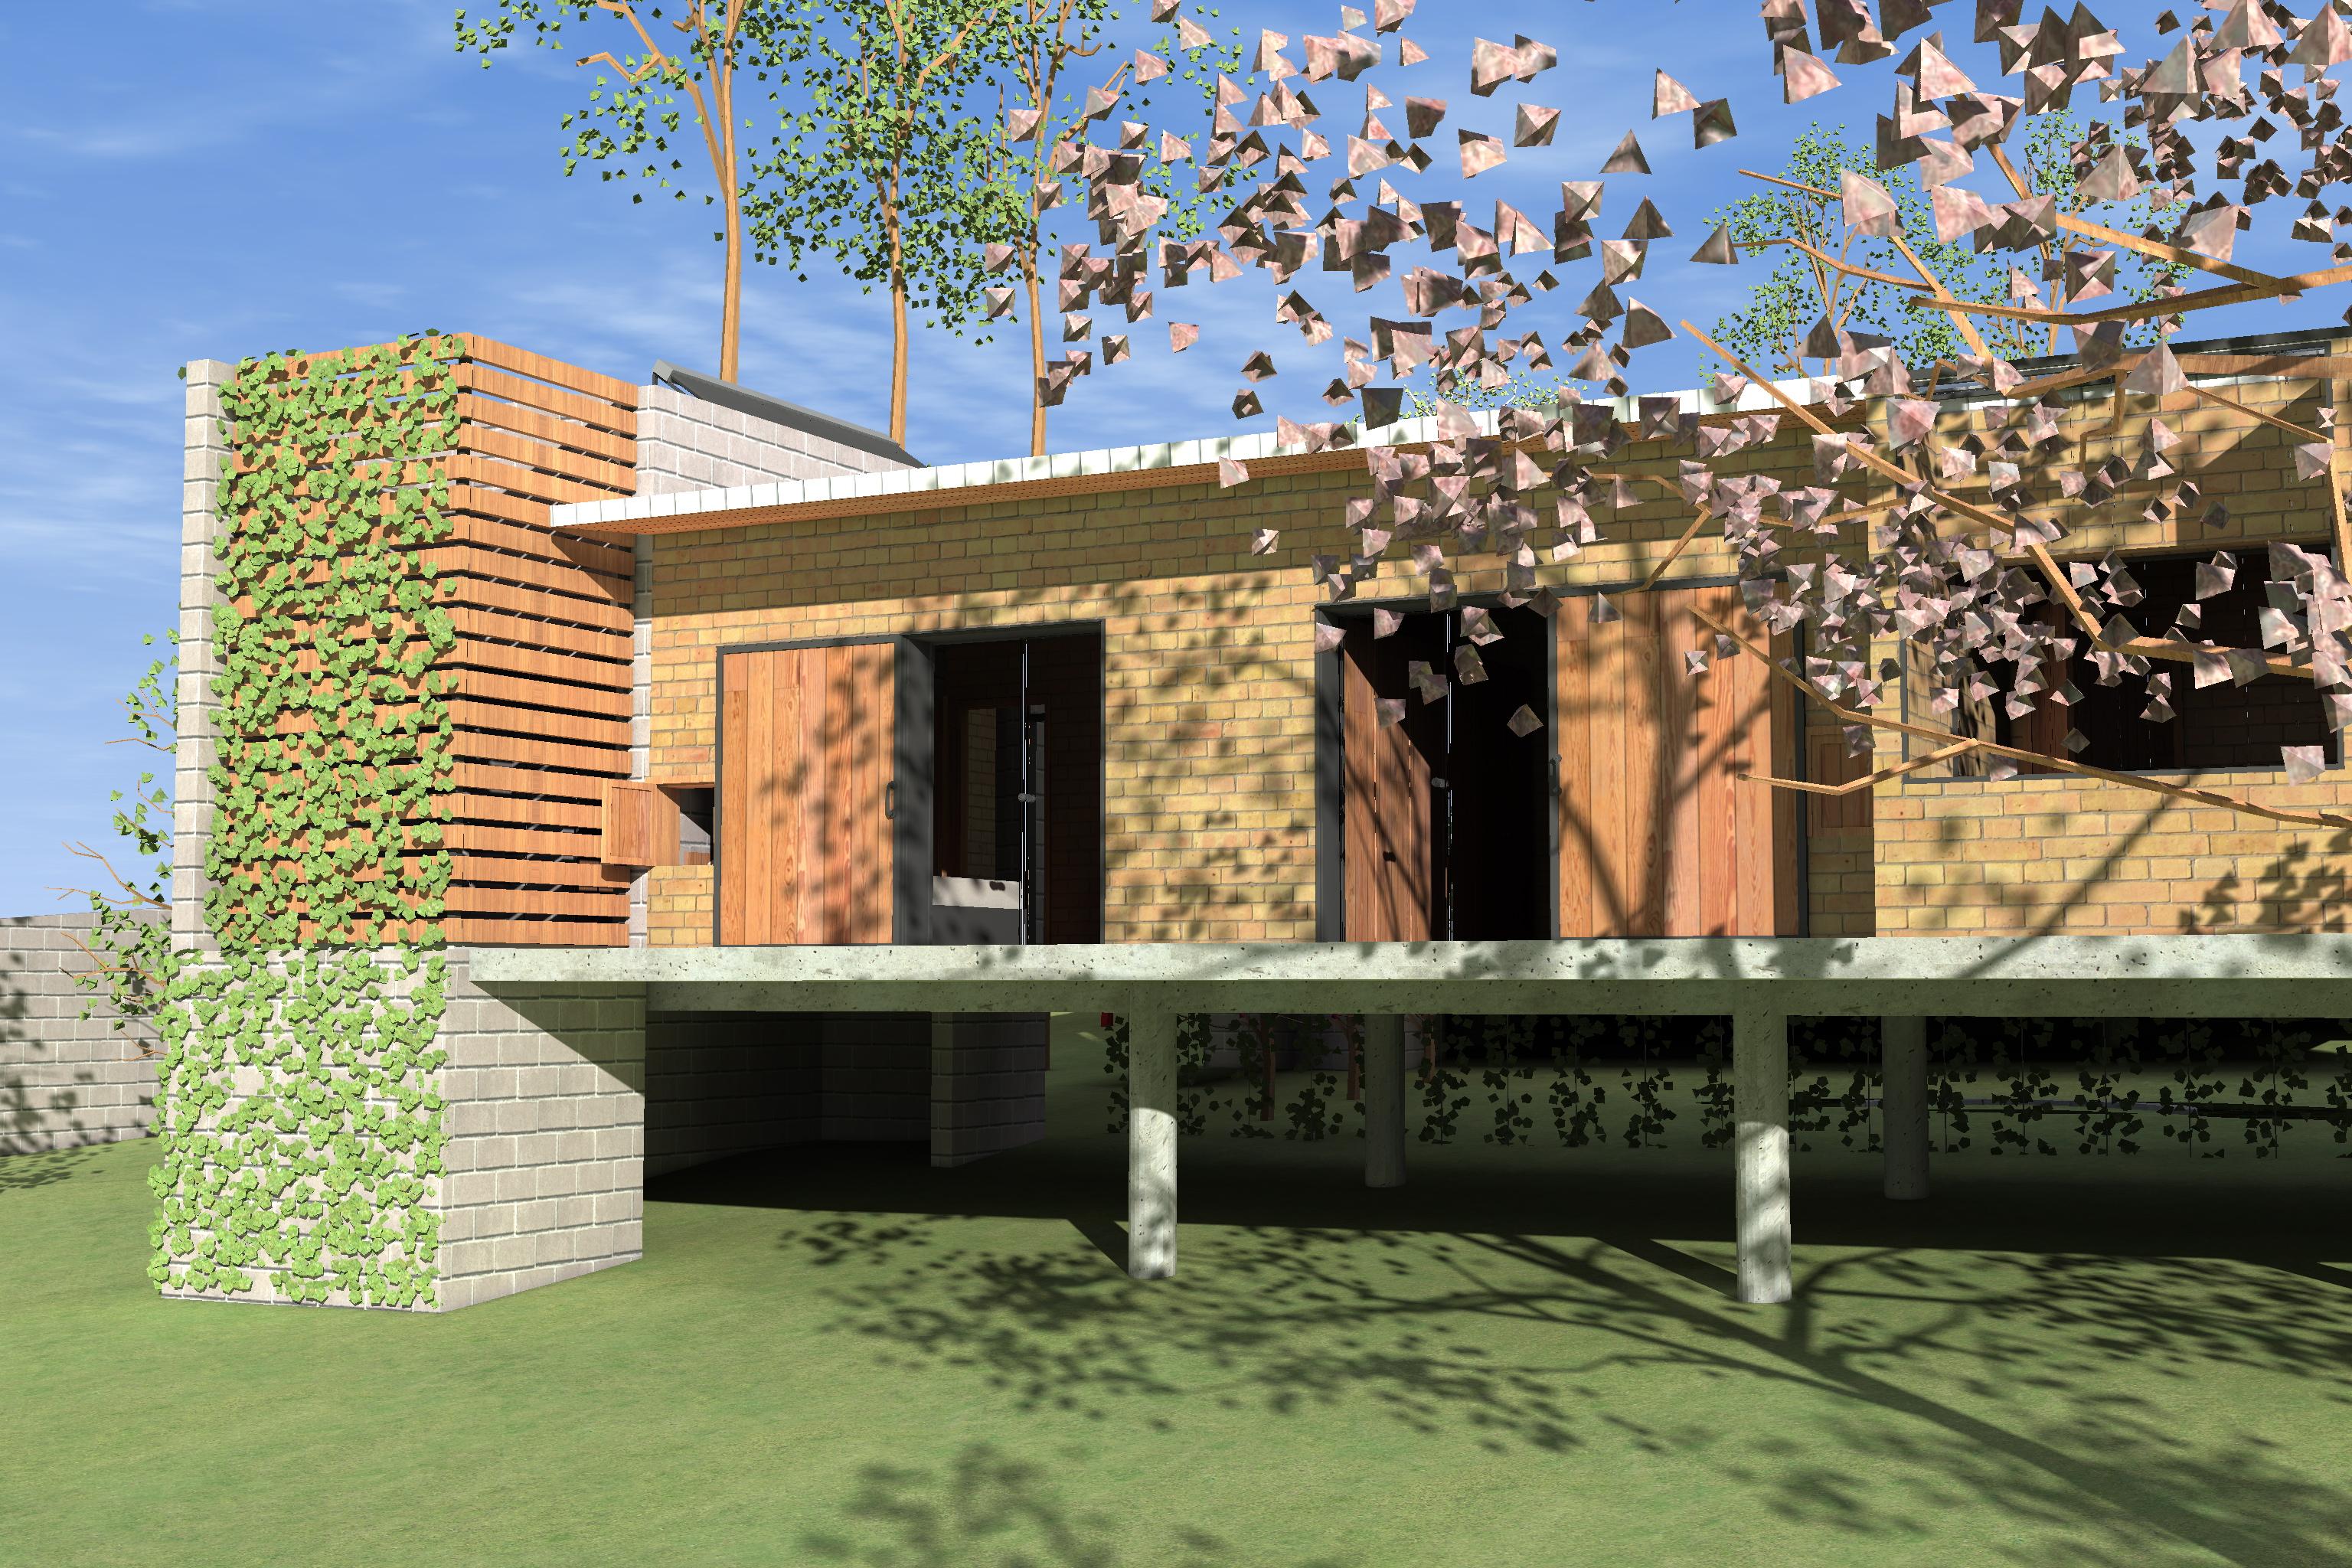 FACHADA OESTE detalhe da Torre Sul com banheiro externo e fechamento  #285CA3 3072x2048 Arquitetura Sustentavel Banheiro